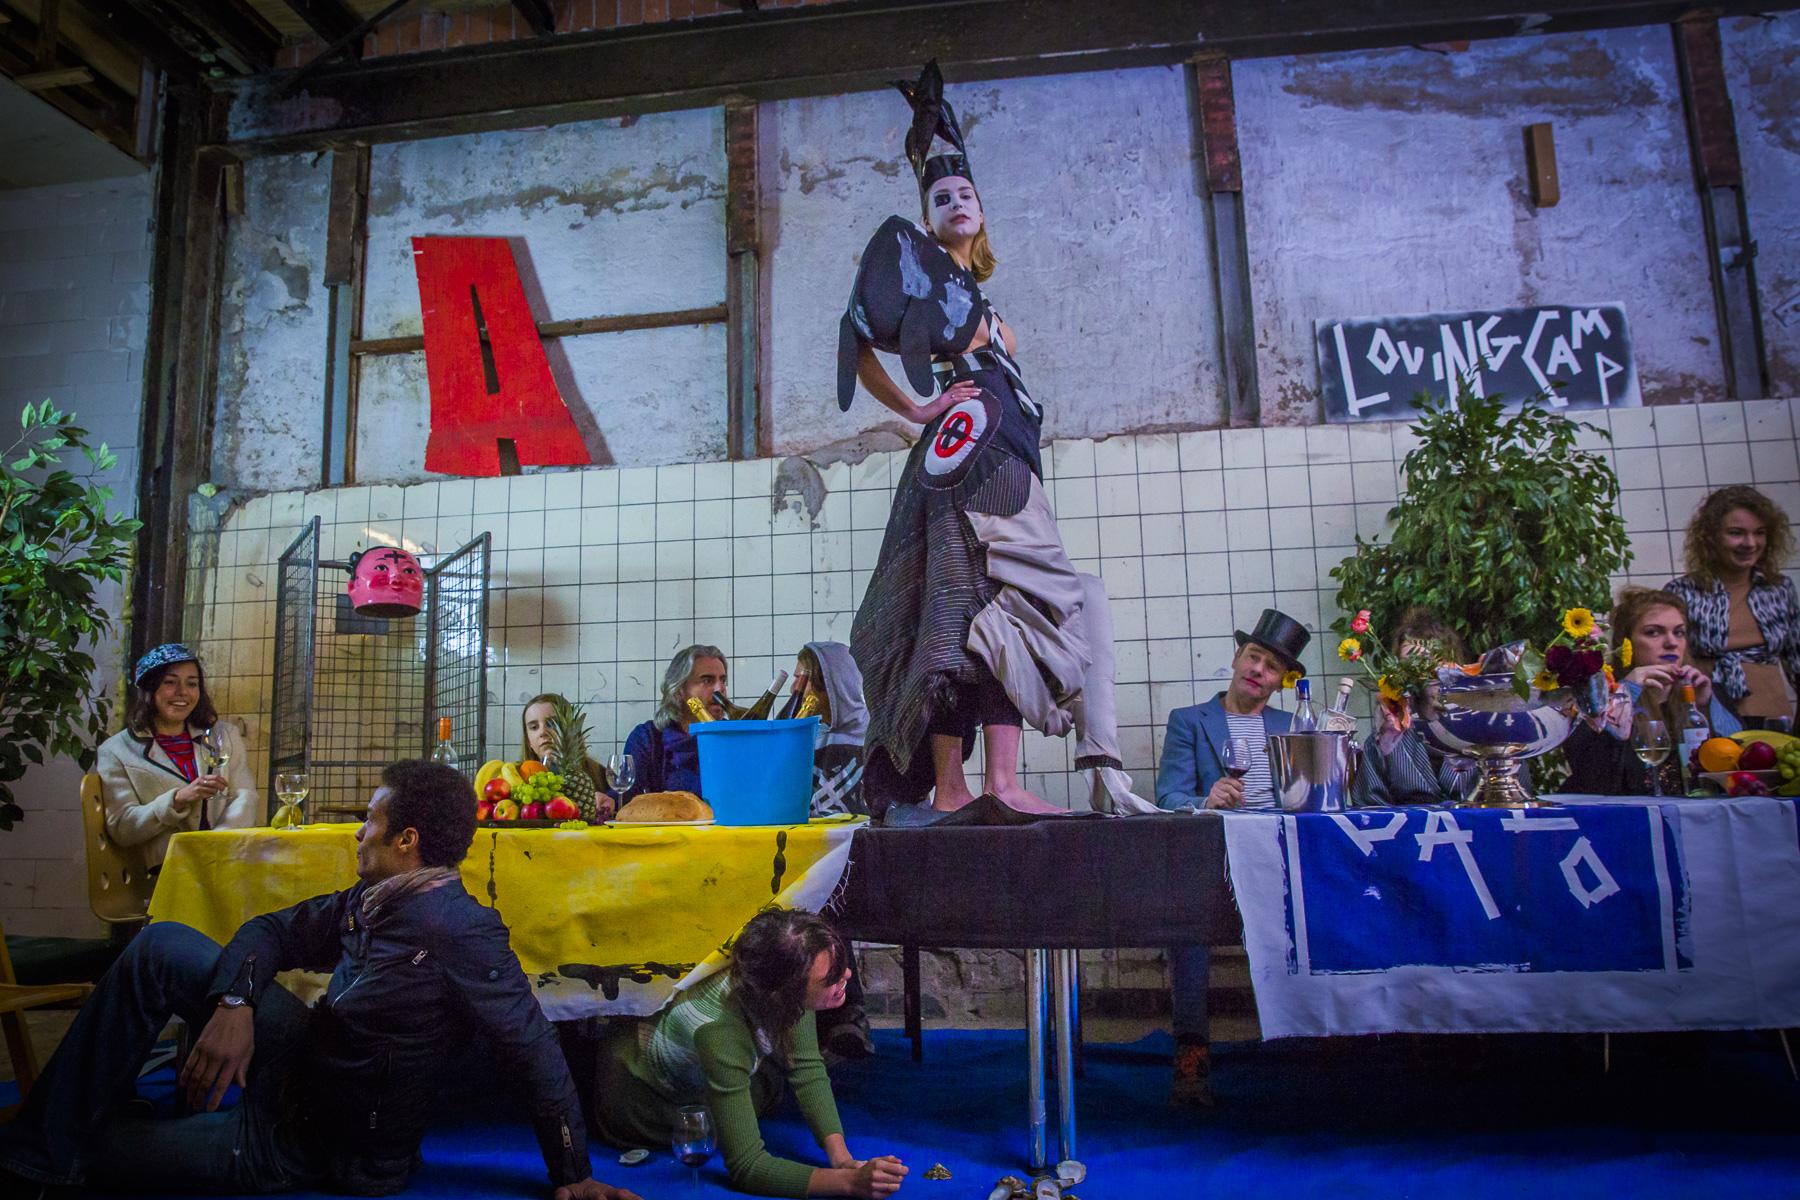 Salto Mortales: A Loving Camp